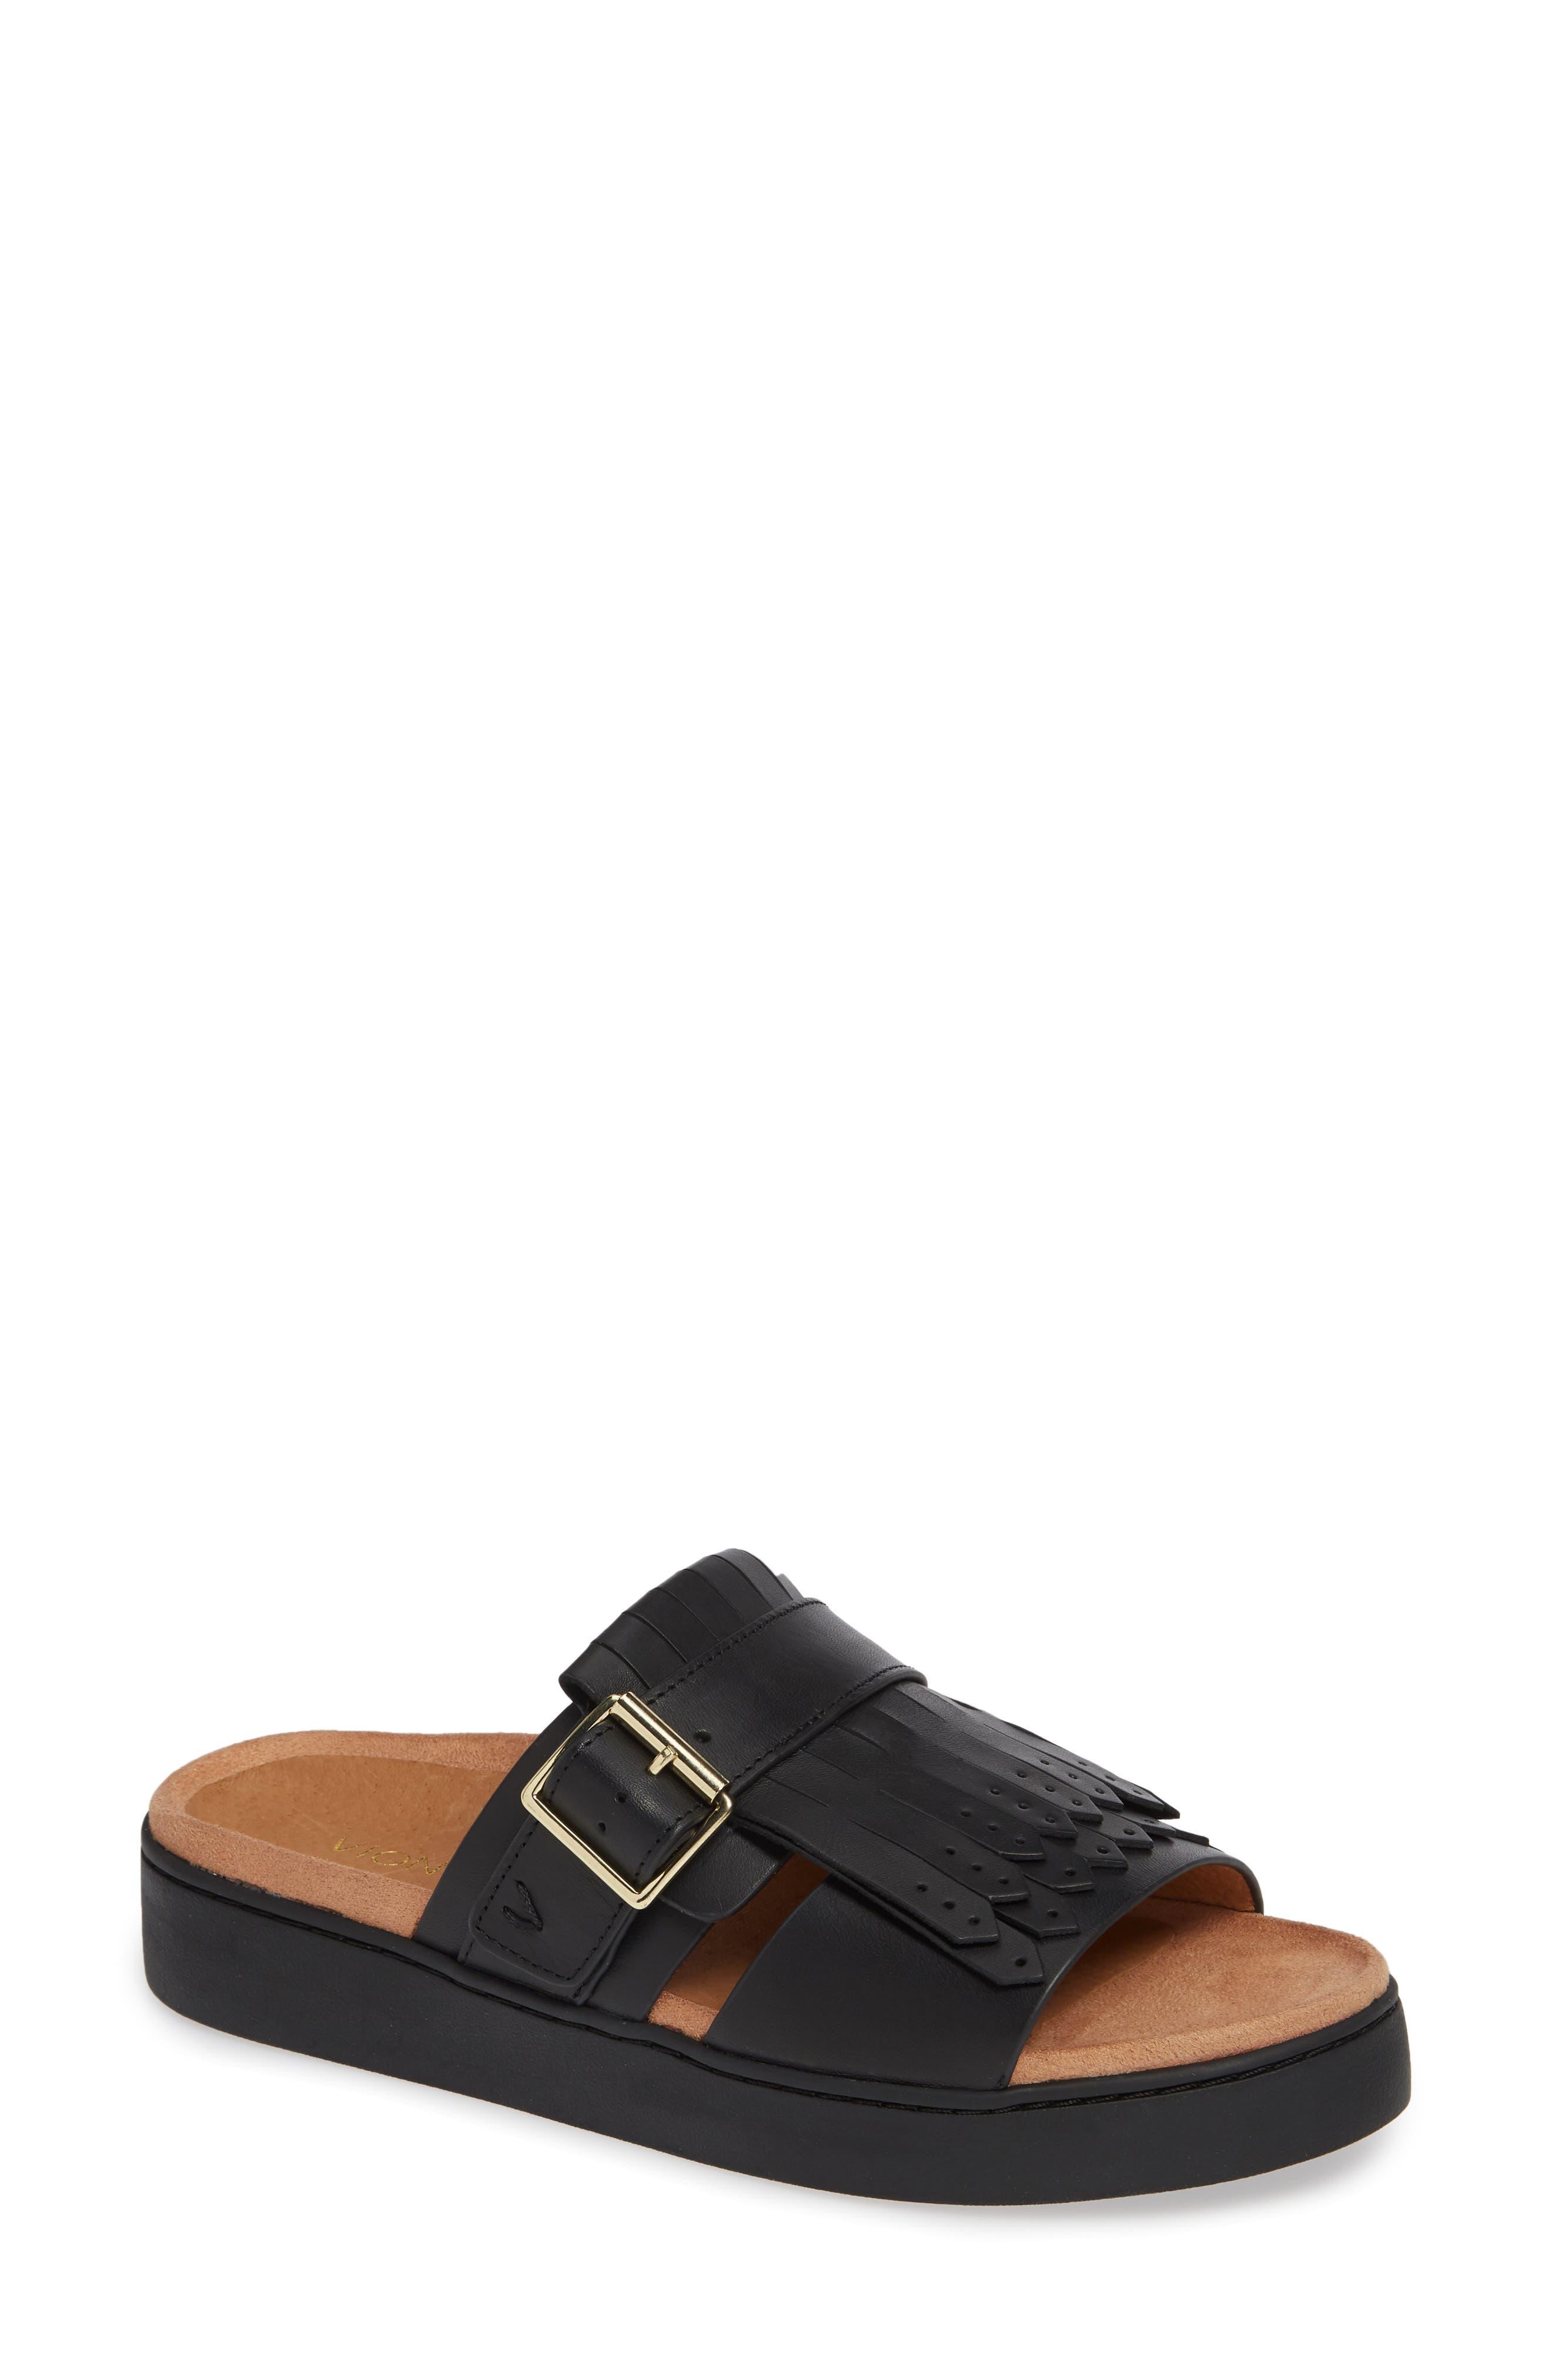 Fillmore Slide Sandal,                         Main,                         color,